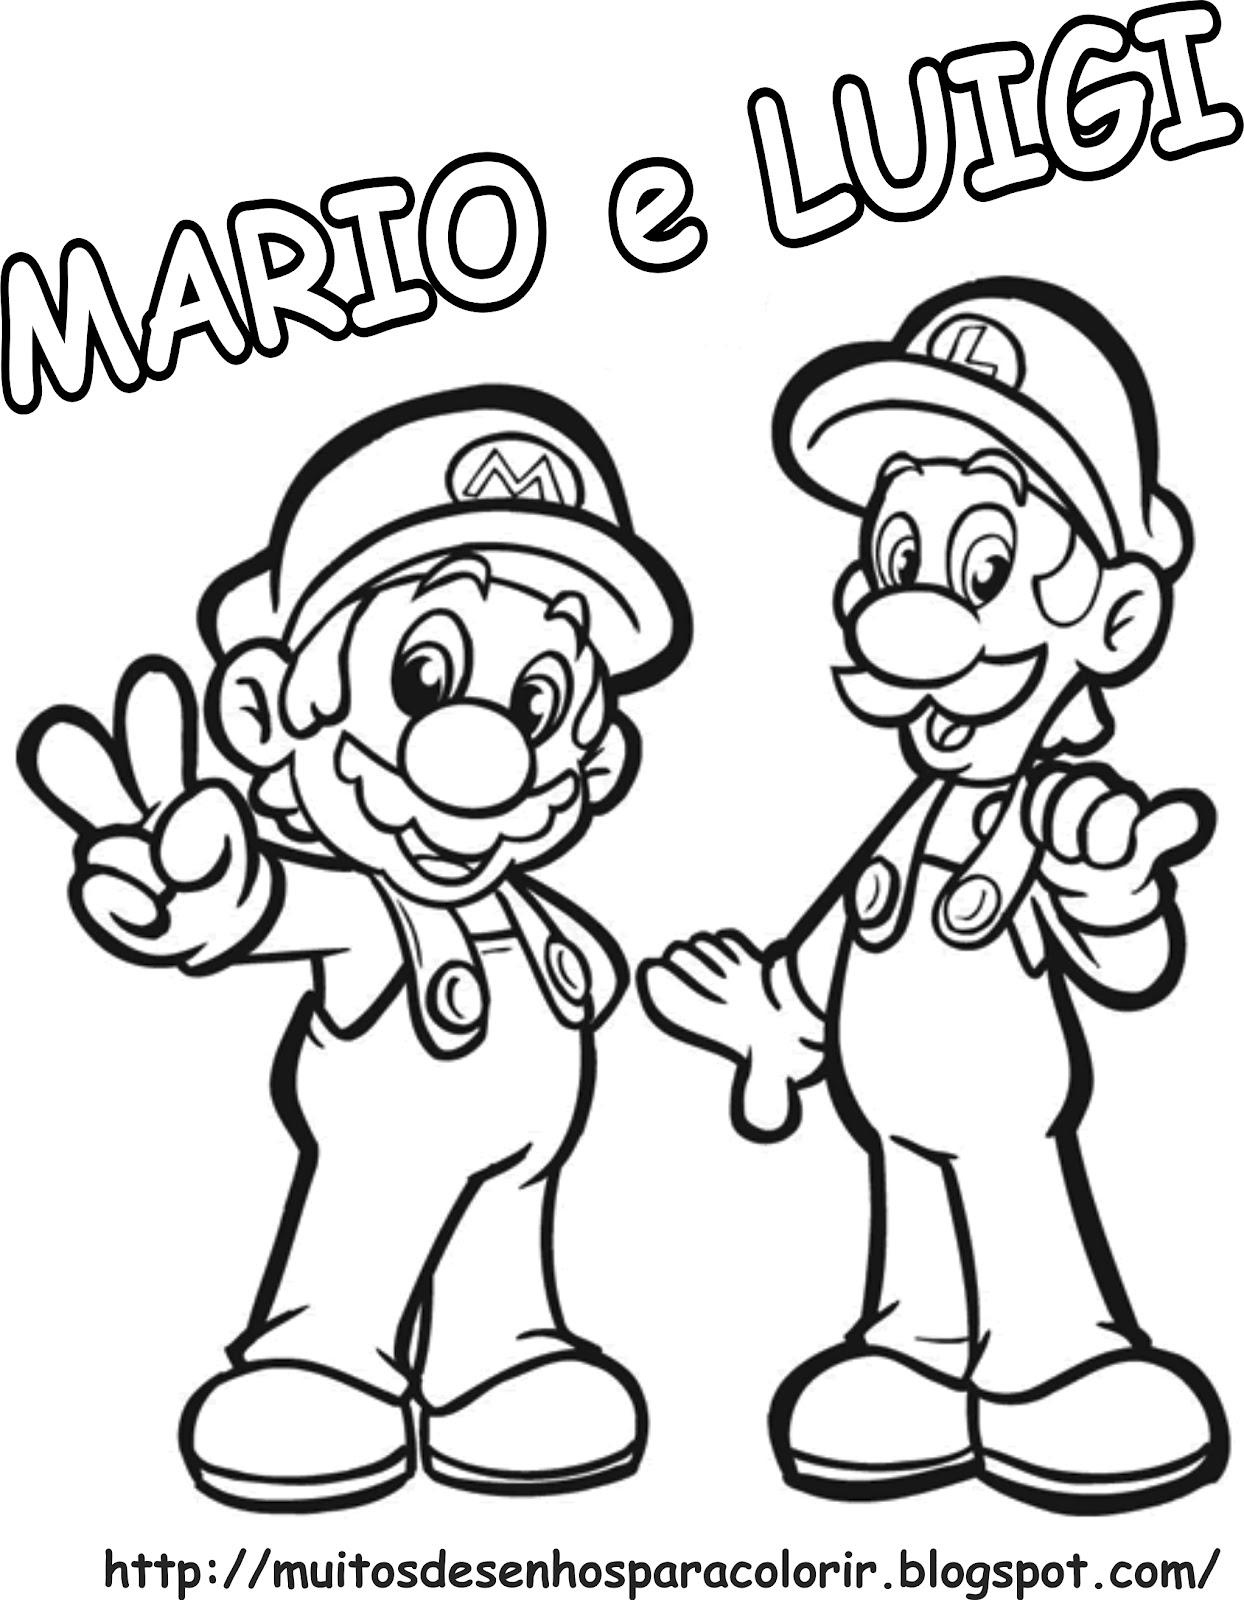 Desenhos para Colorir: Mário Bros